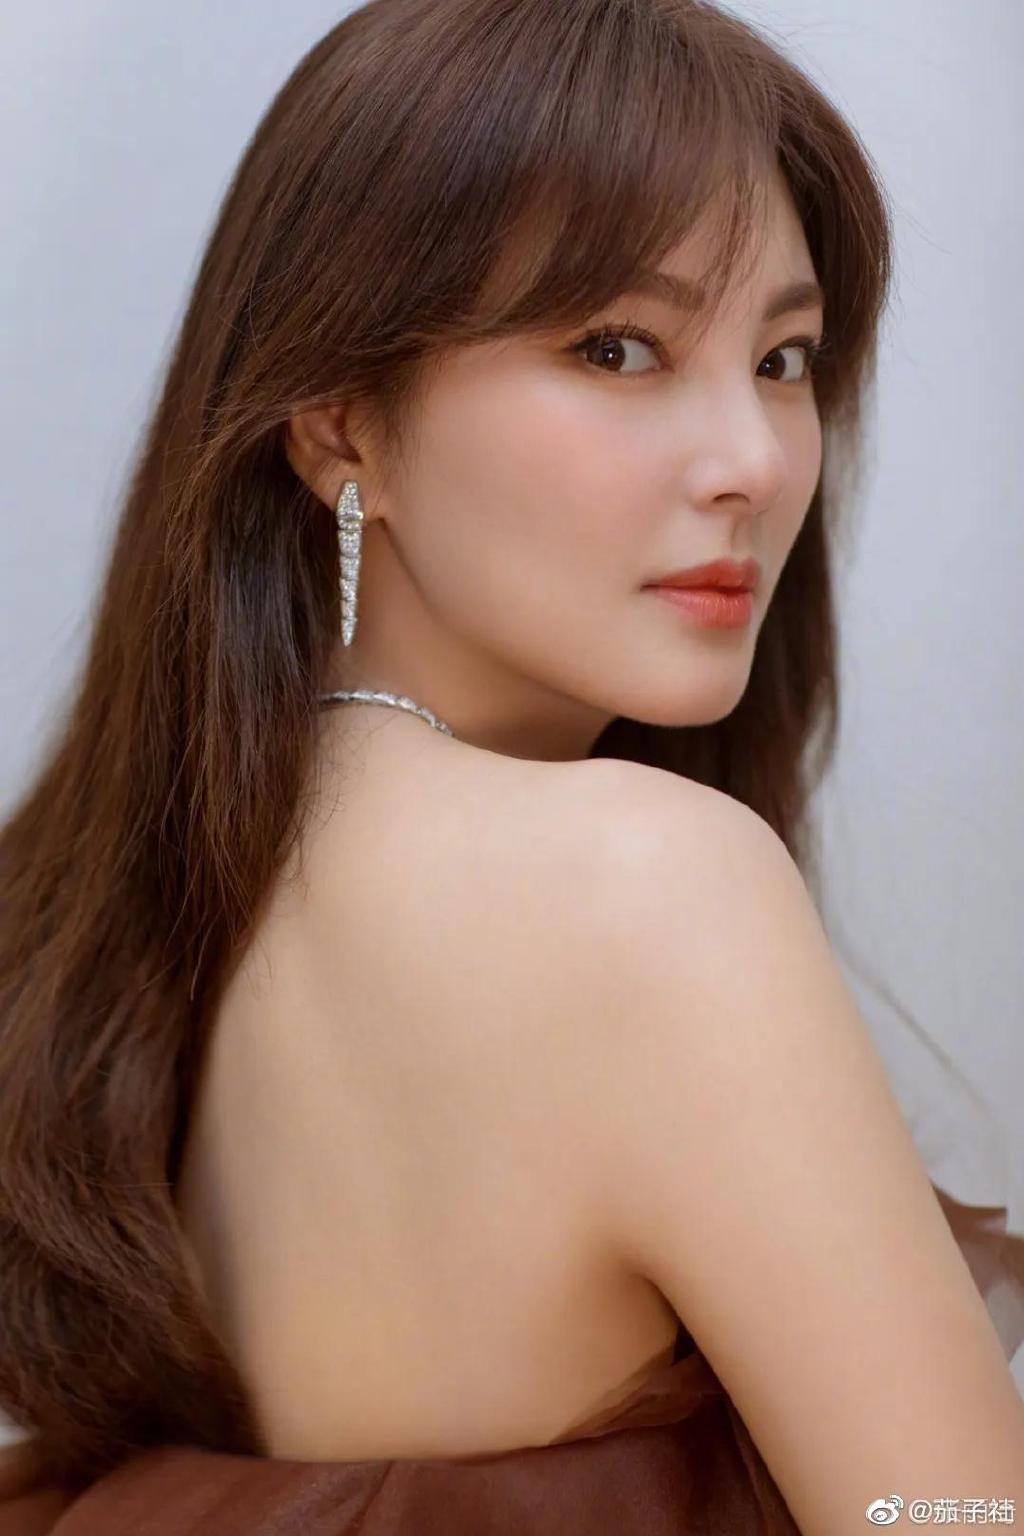 张雨绮资料介绍及高清性感美女写真